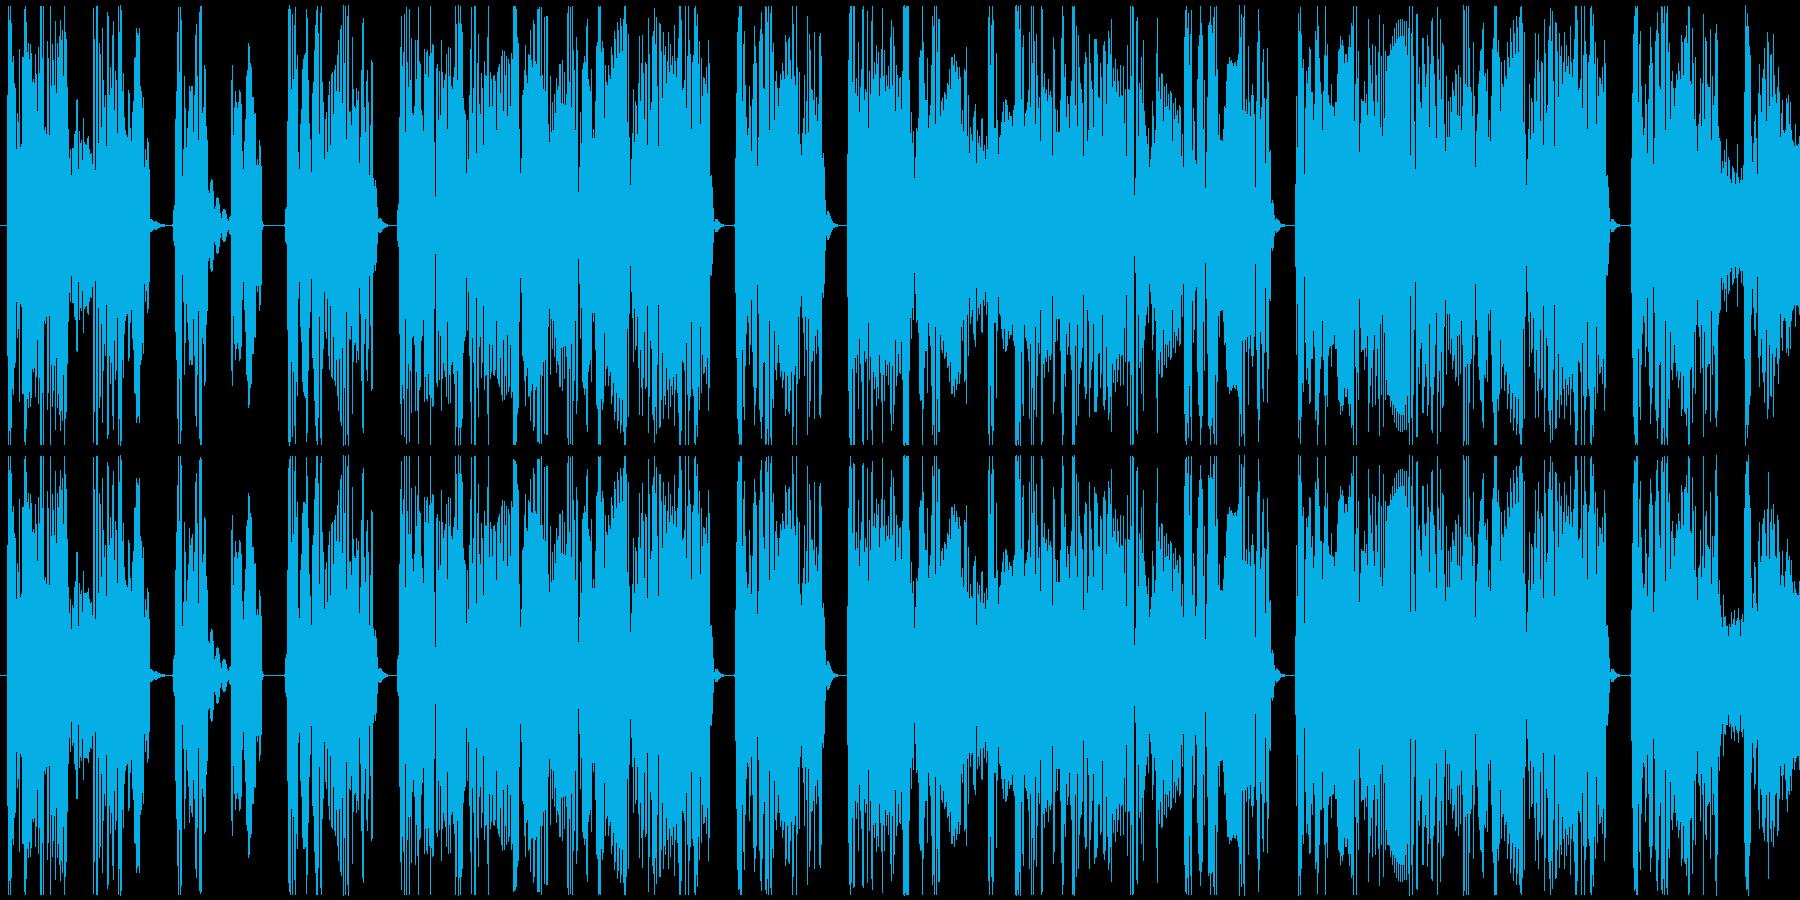 ギターとドラム、ベースだけの8秒の曲ですの再生済みの波形